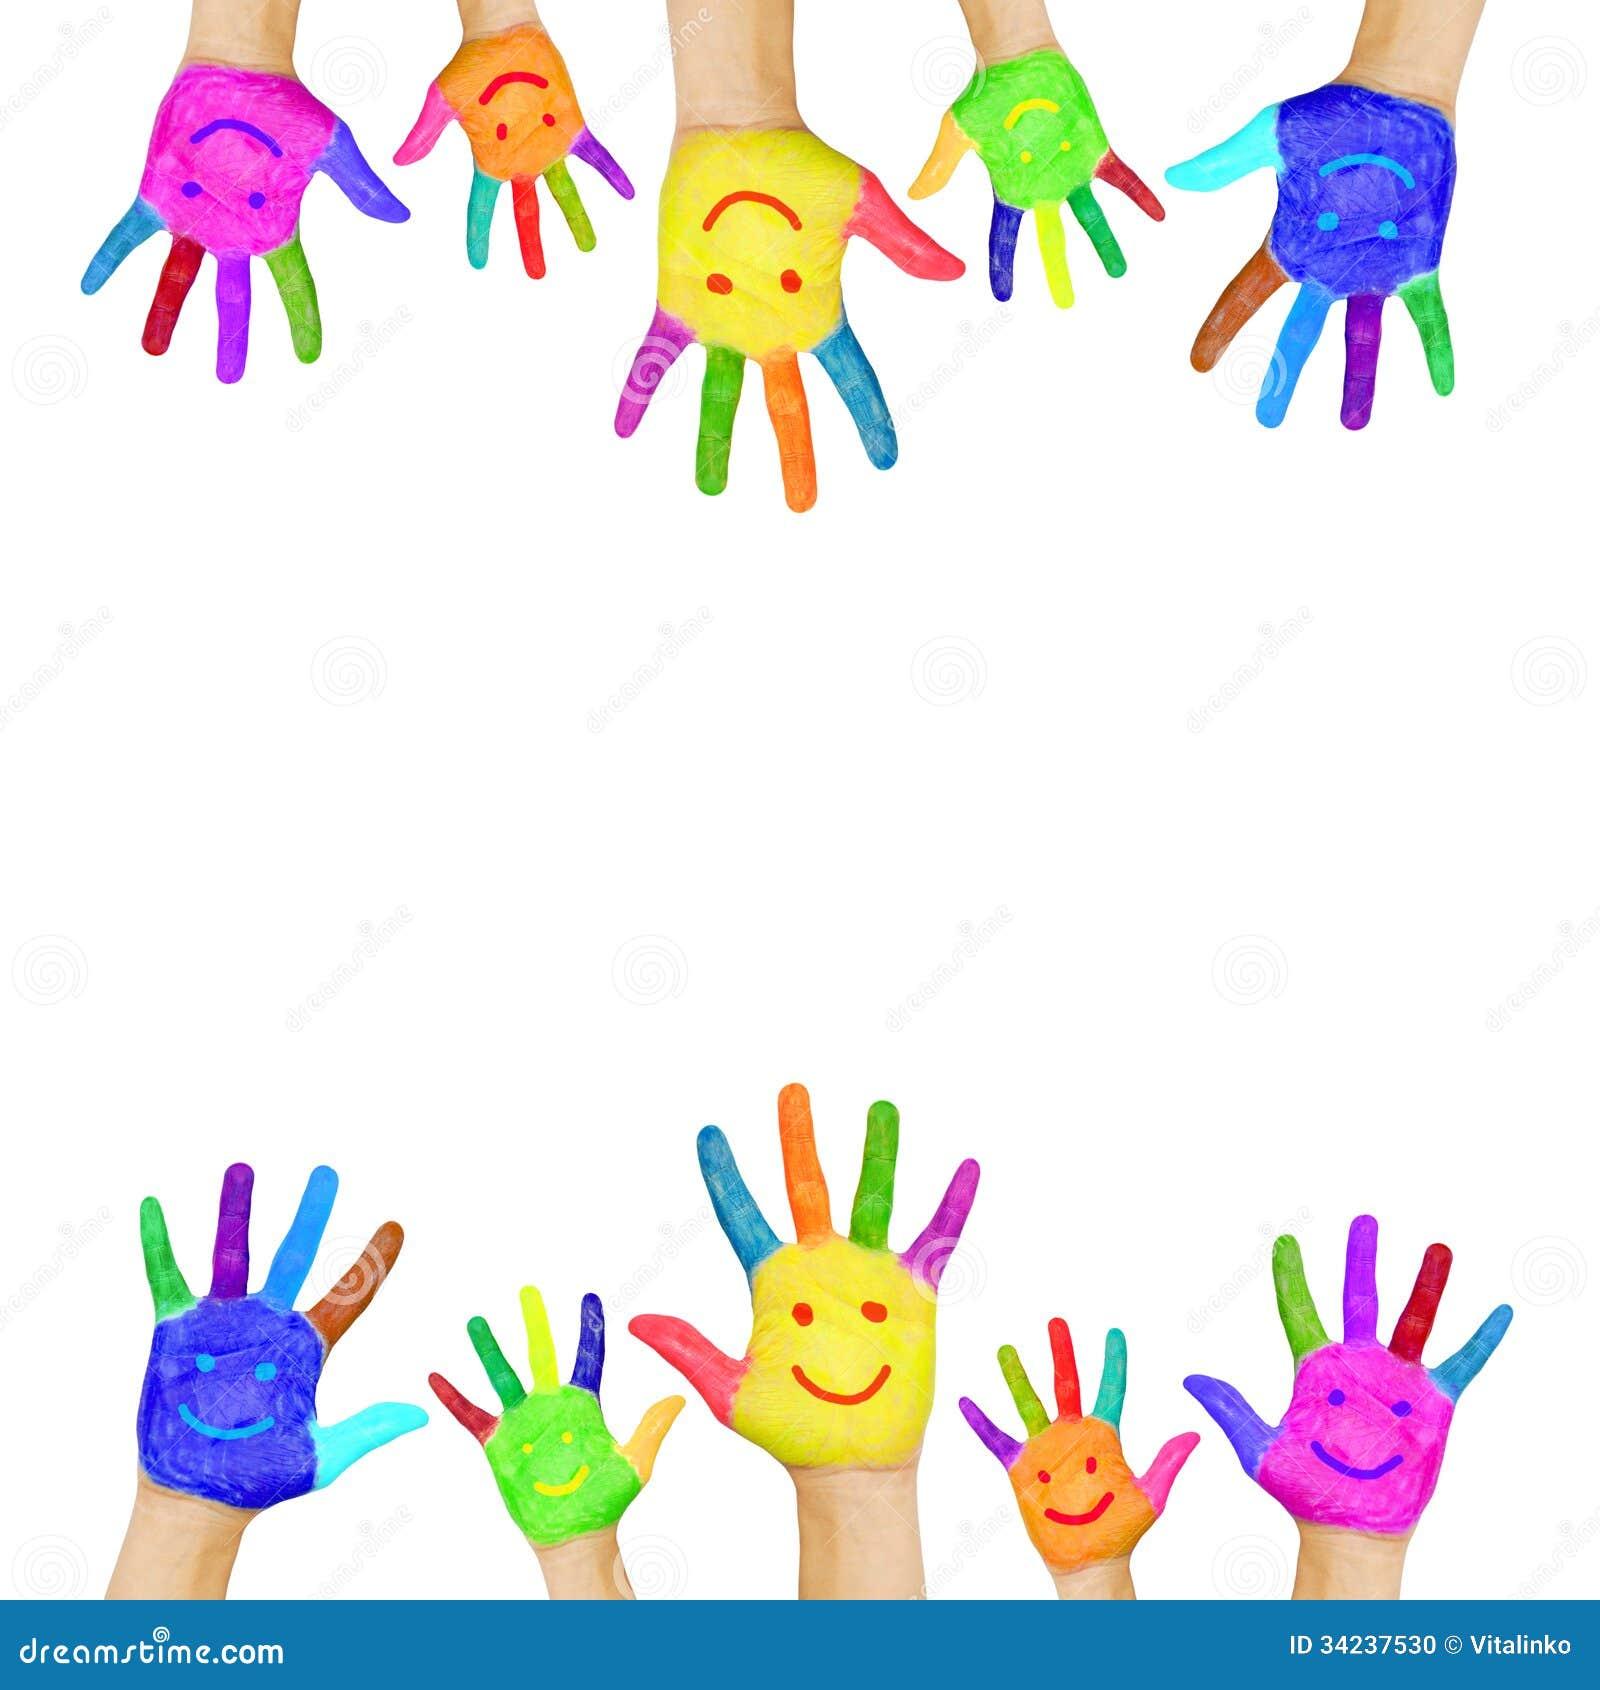 Quadro Das Maos Coloridas Pintadas Com Caras De Sorriso